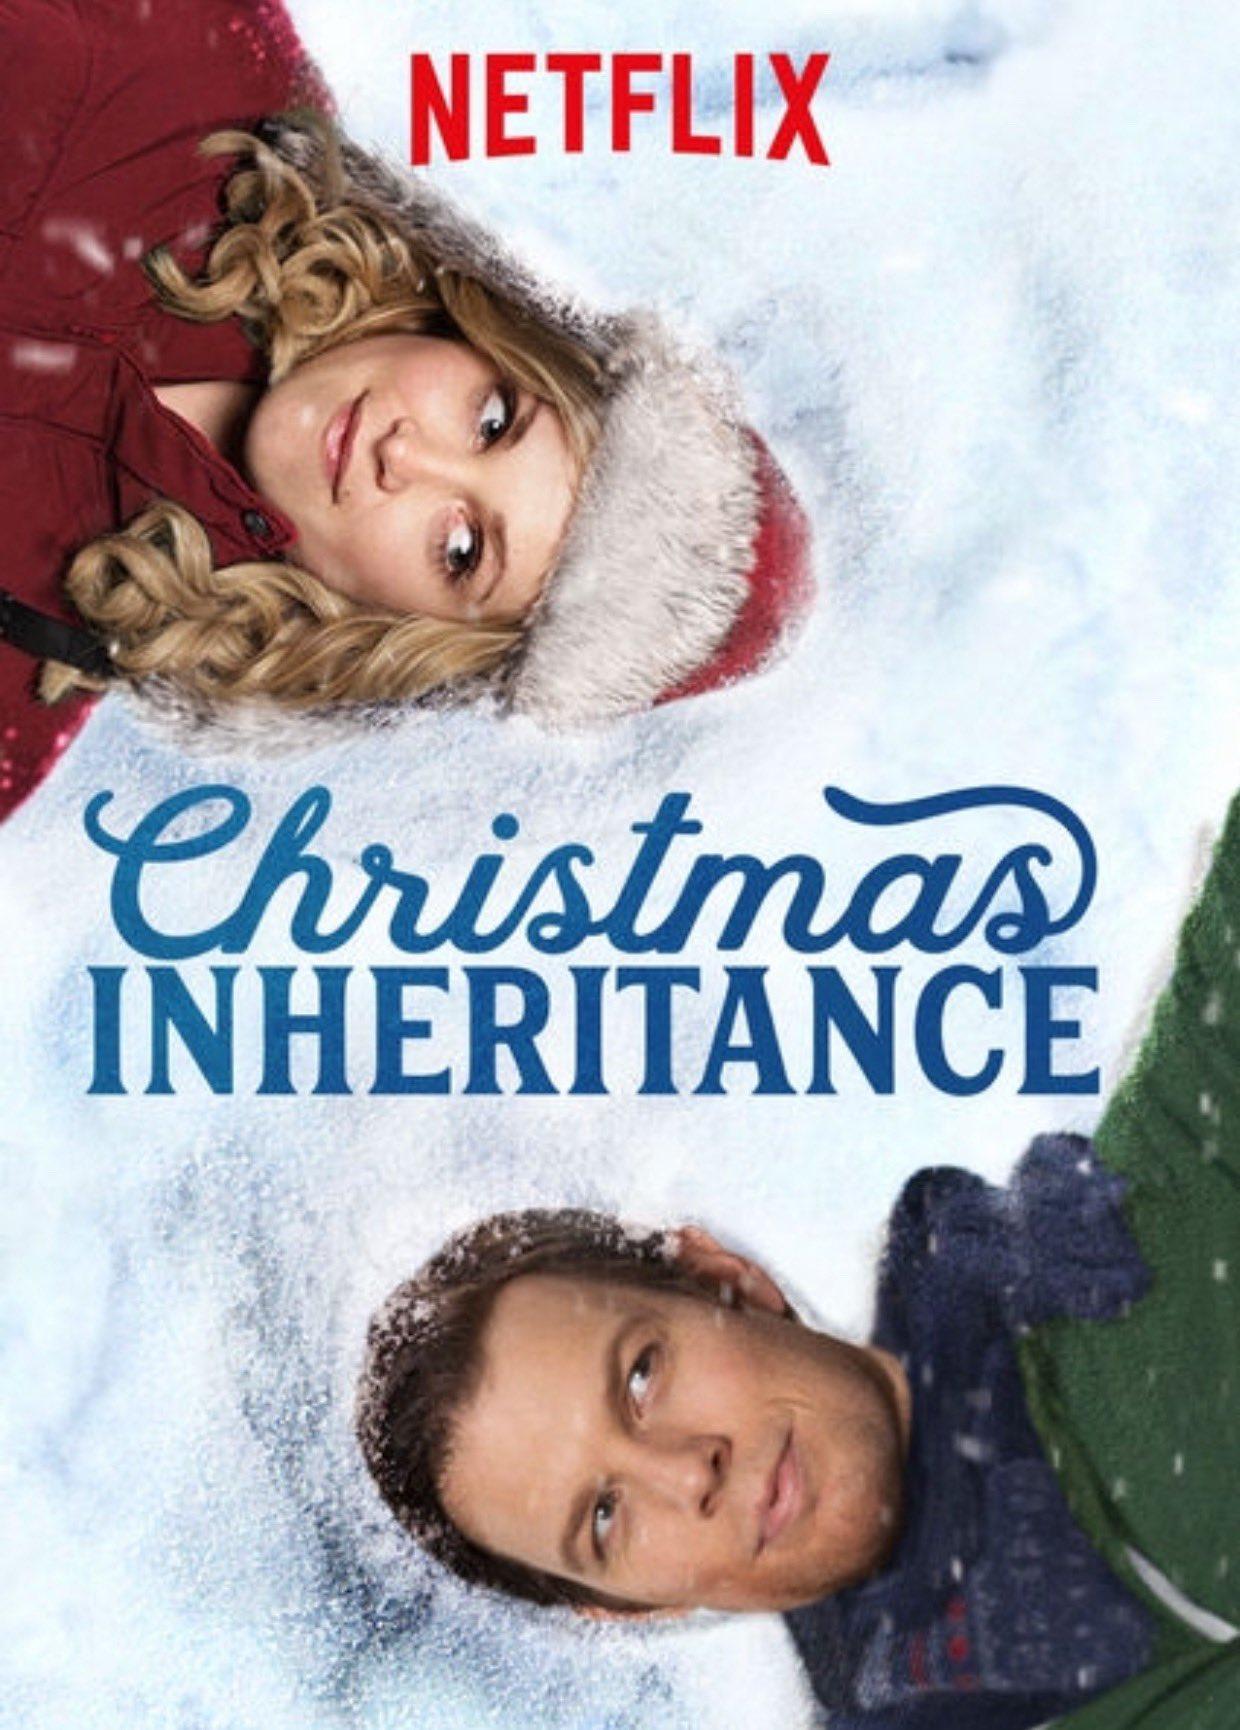 หนังคริสต์มาส , หนังคู่รัก , หนังดูกับแฟน